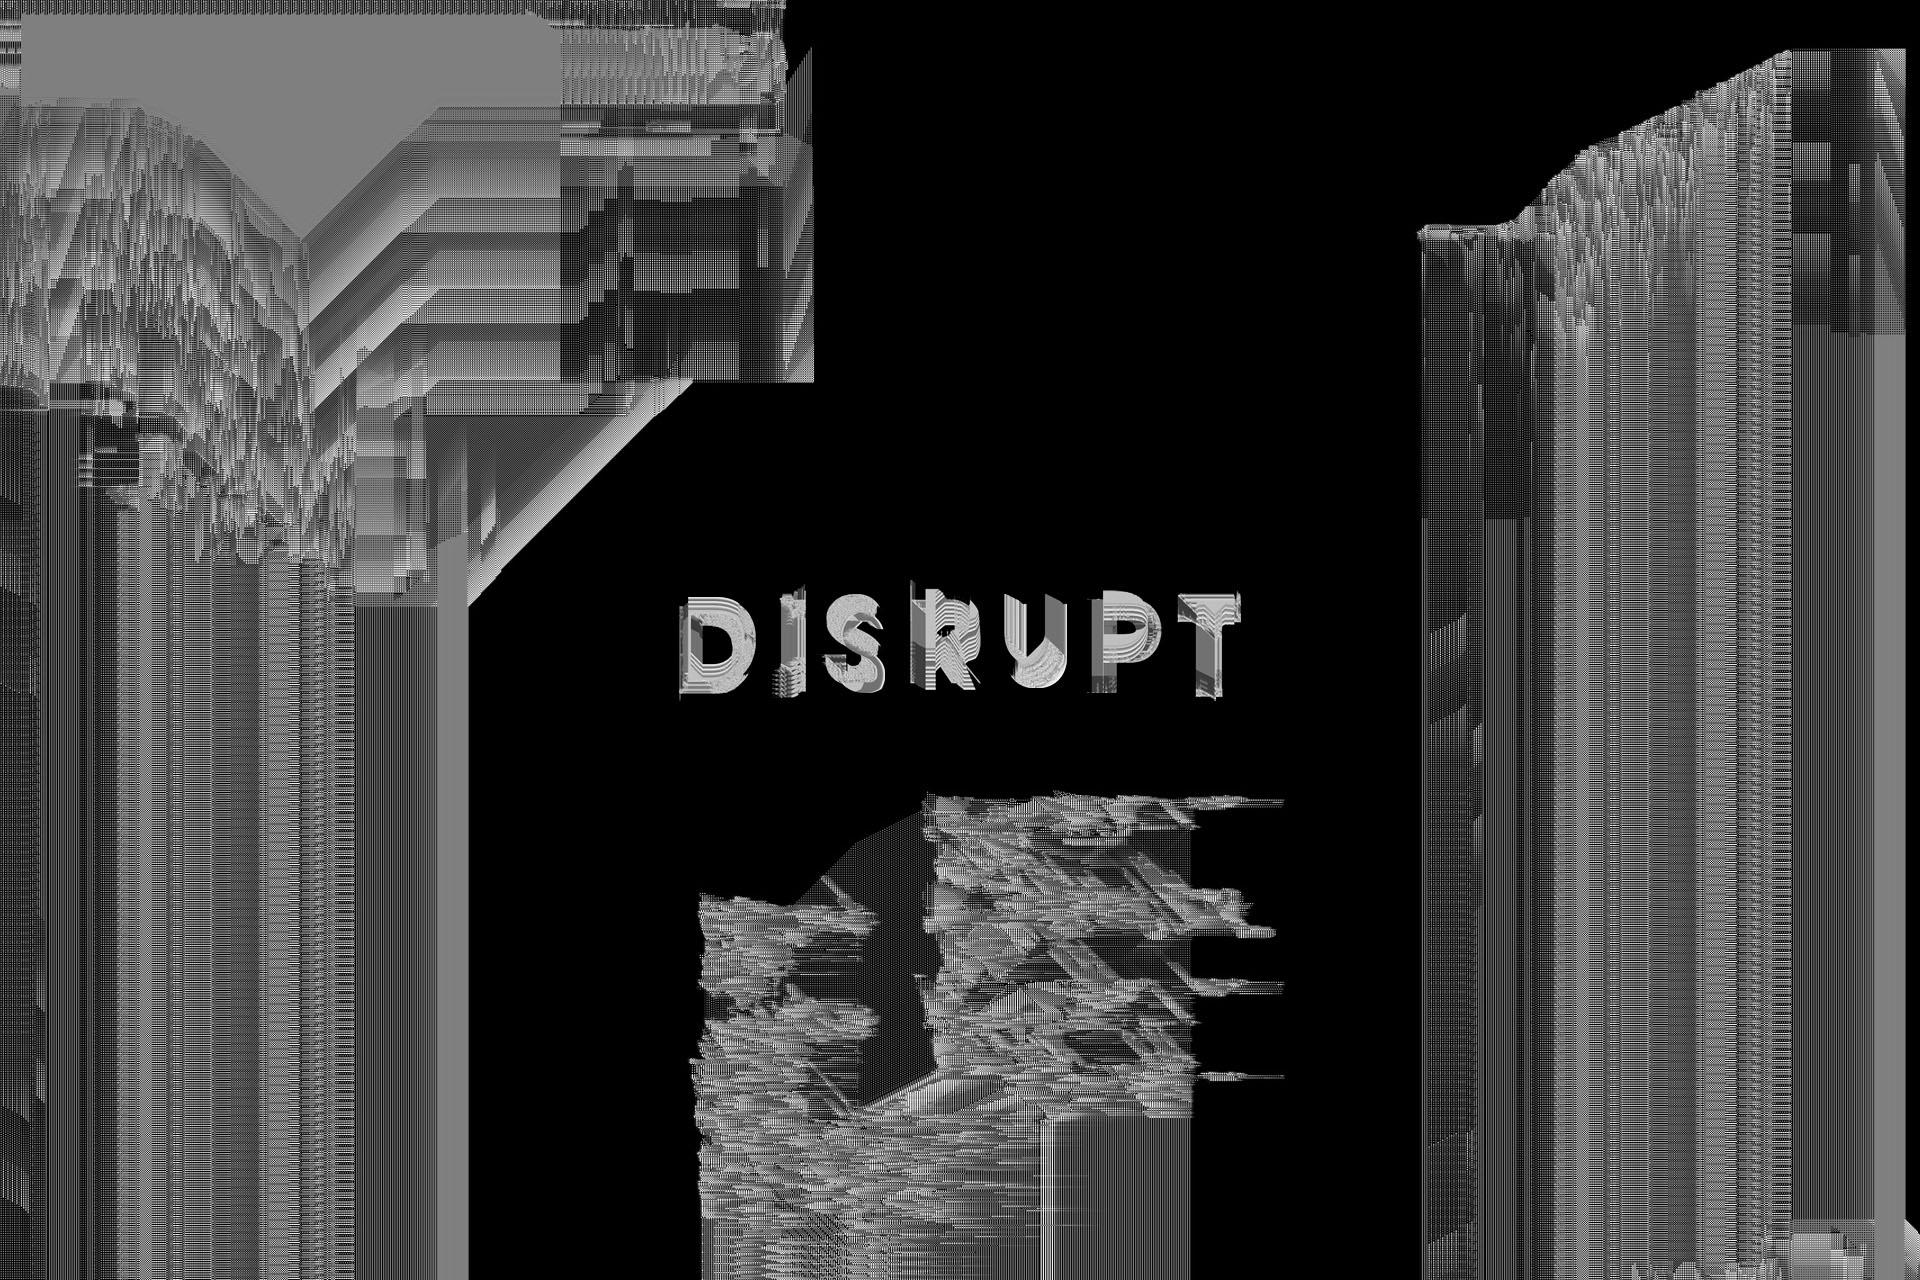 disrupt maison maj design graphique